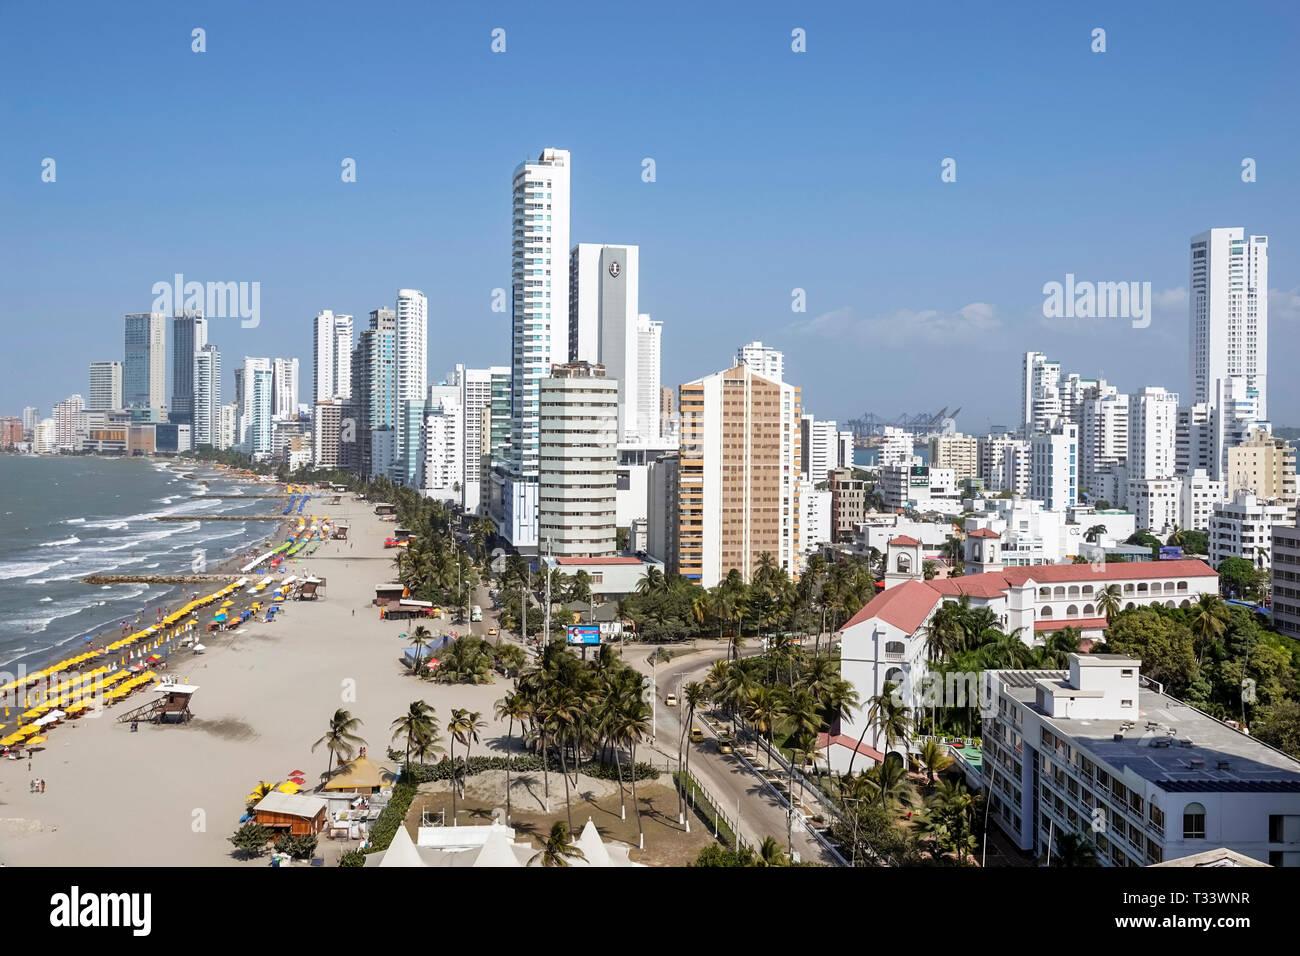 Cartagena Kolumbien Bocagrande Karibik öffentlichen Strand sand Wasser verleih Sonnenschirme skyline Hochhaus Gebäude am Meer Küste Hispanic re Stockbild